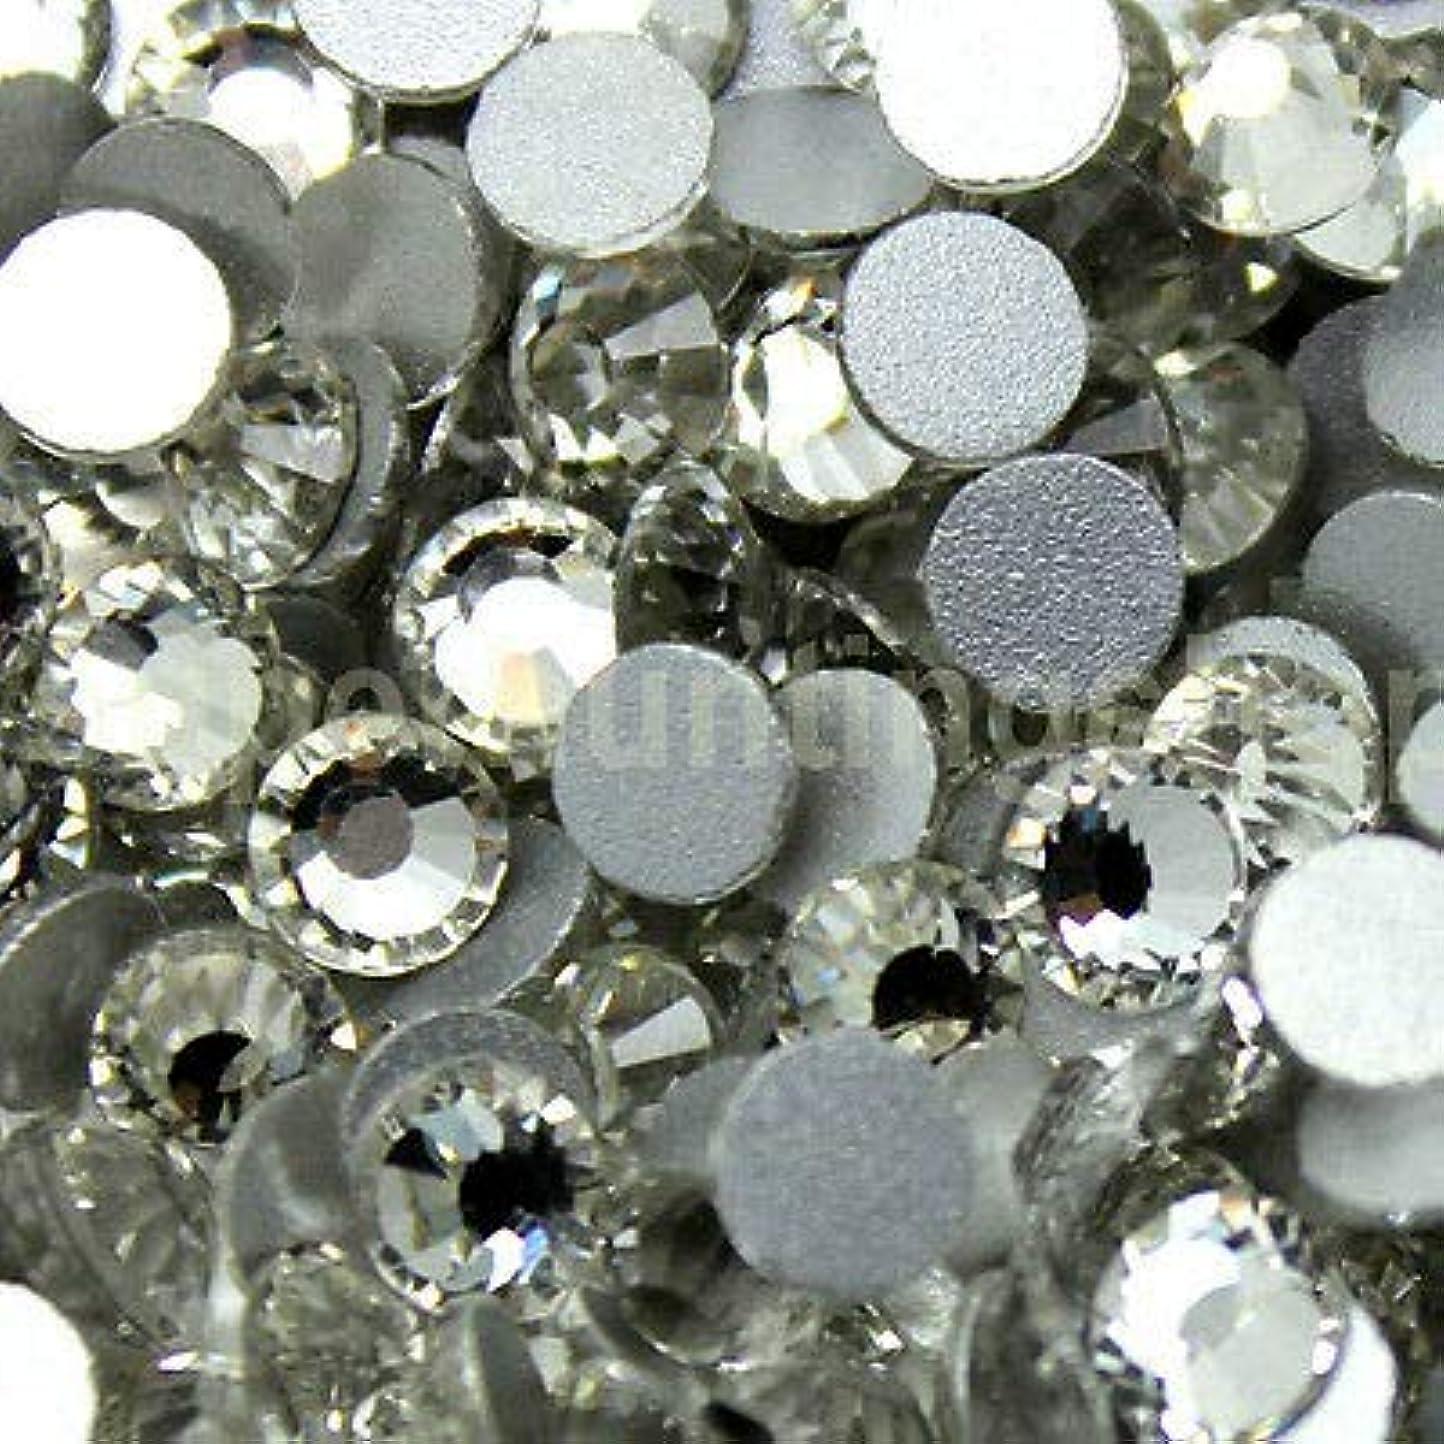 薄いです窒素リダクターFidgetGear DIY 1.3-8.5 mmクリスタルヒラタラインストーンネイルアートデコレーションSS3-SS40 結晶